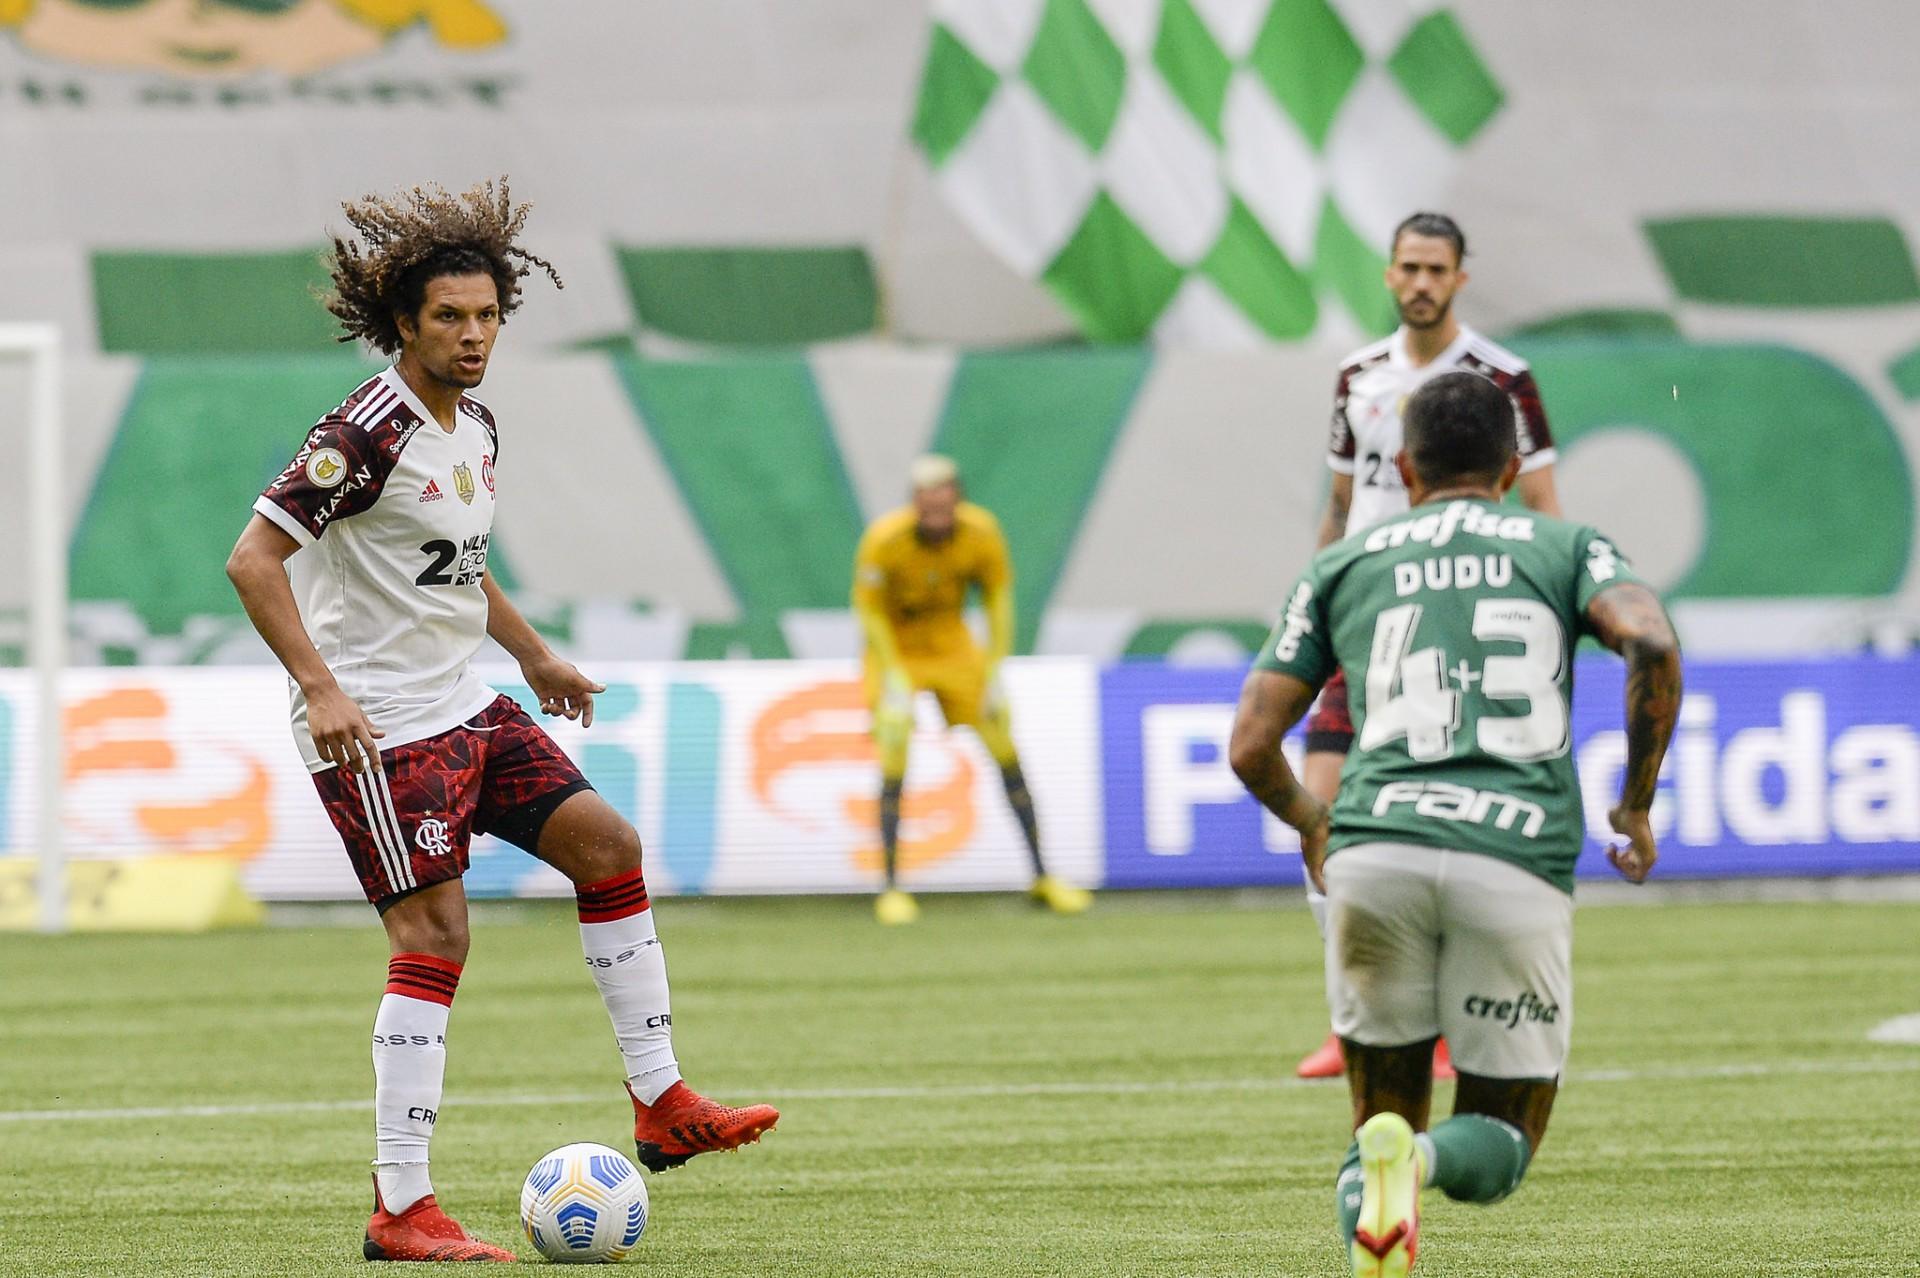 Antes da vitória, Arão motiva grupo do Flamengo e destaca: 'É o tricampeonato. Não é um jogo qualquer'